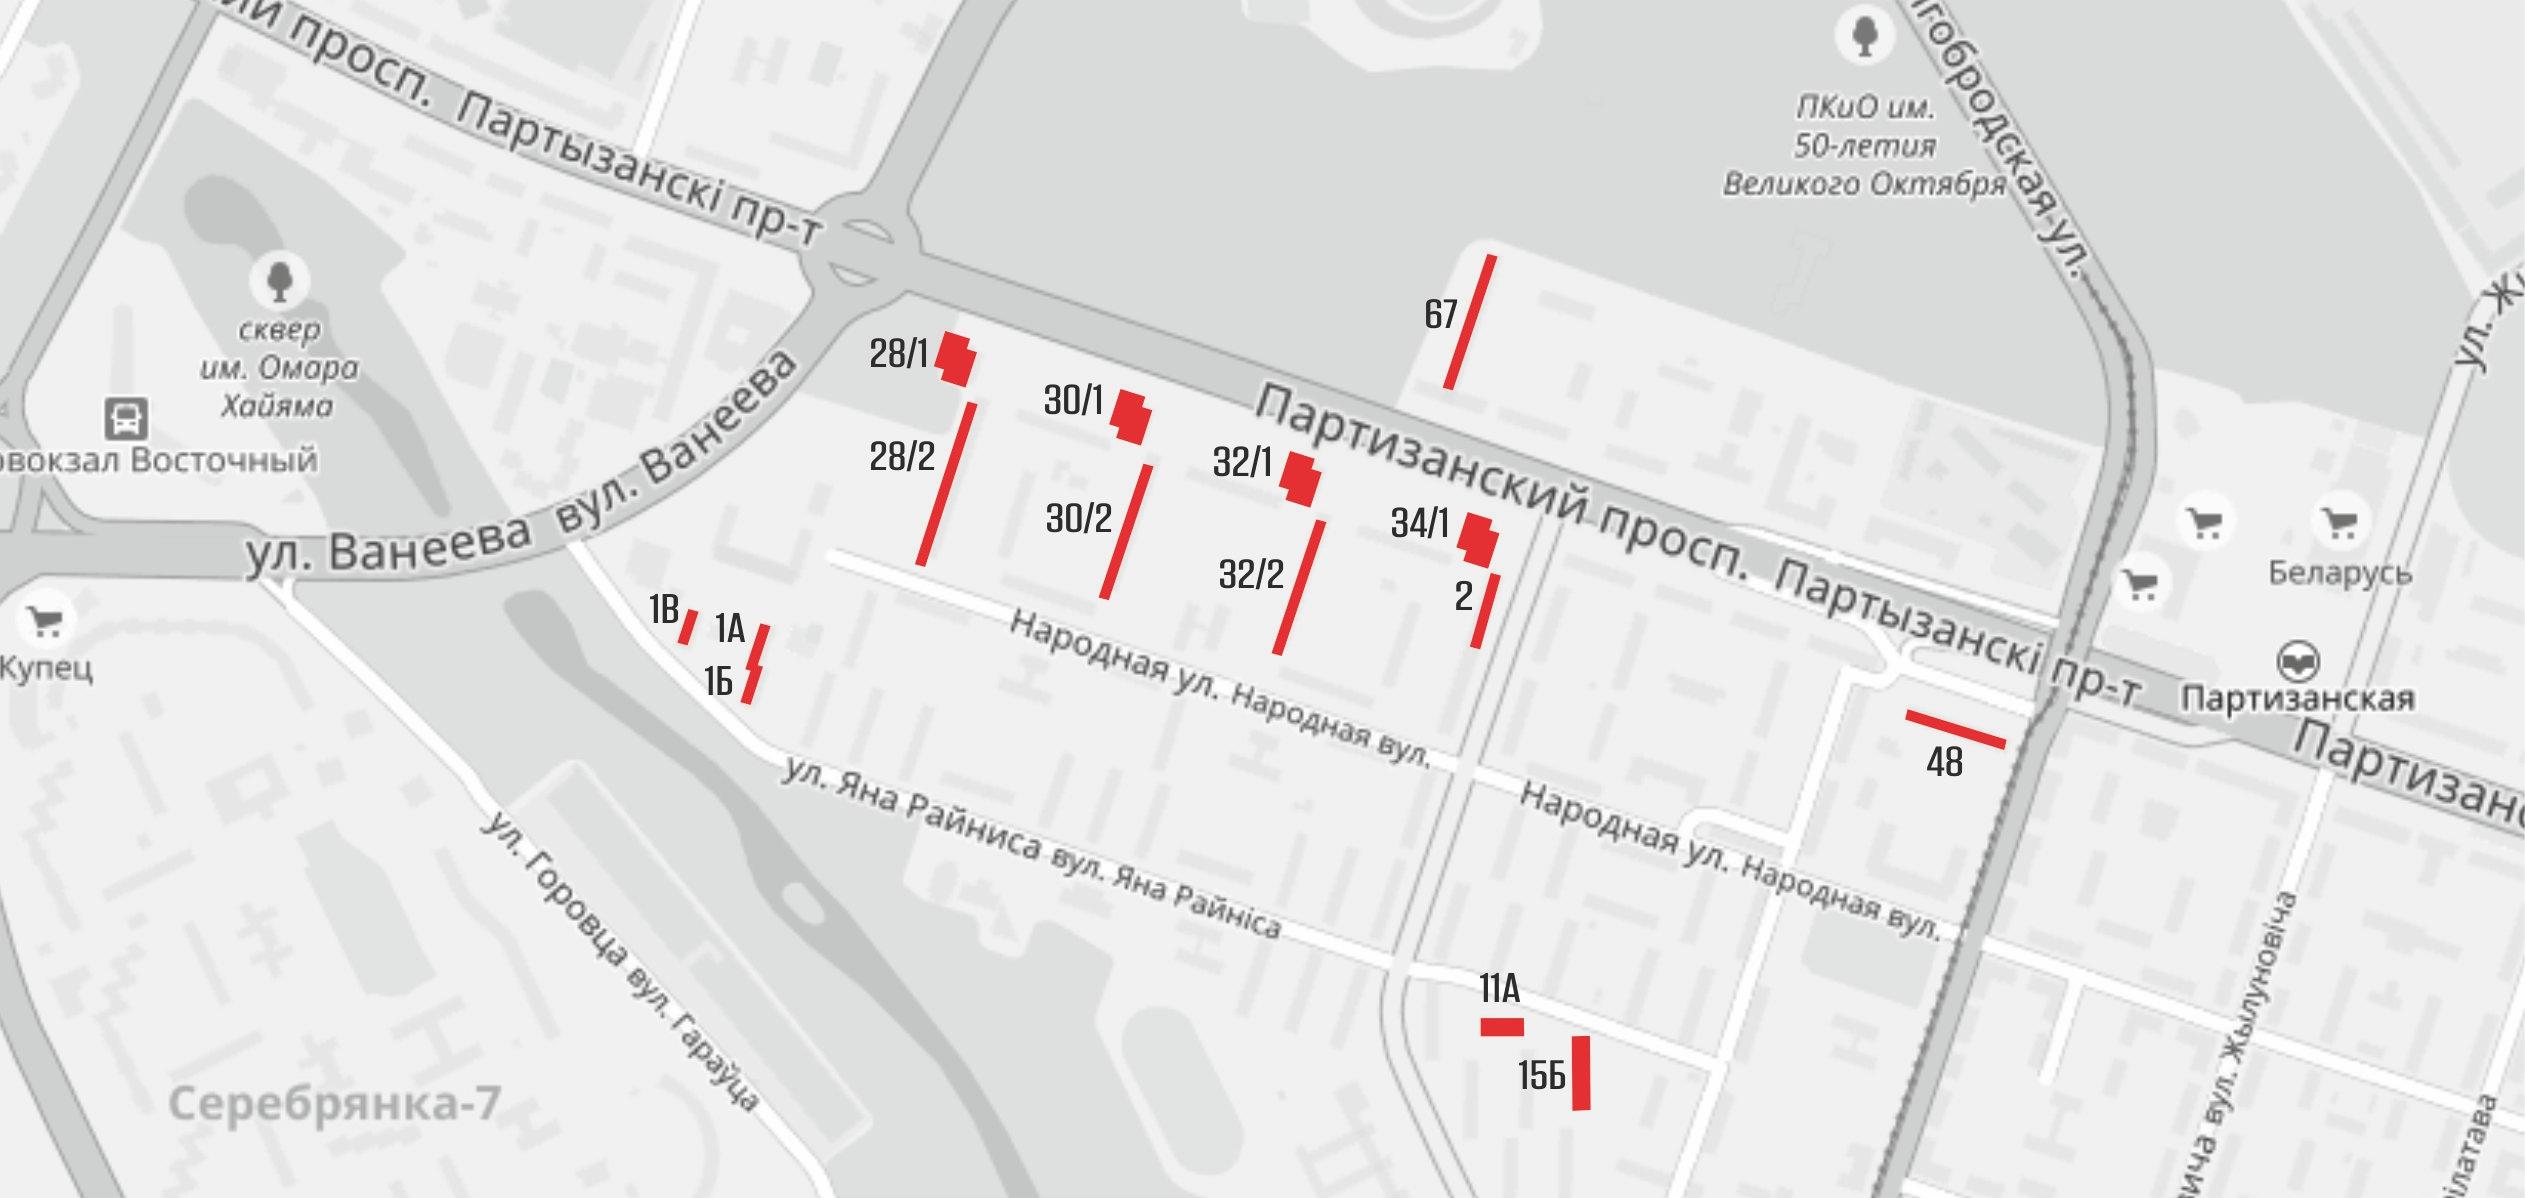 Карта расположения рекламных конструкций в лифтах р-на Партизаснкий